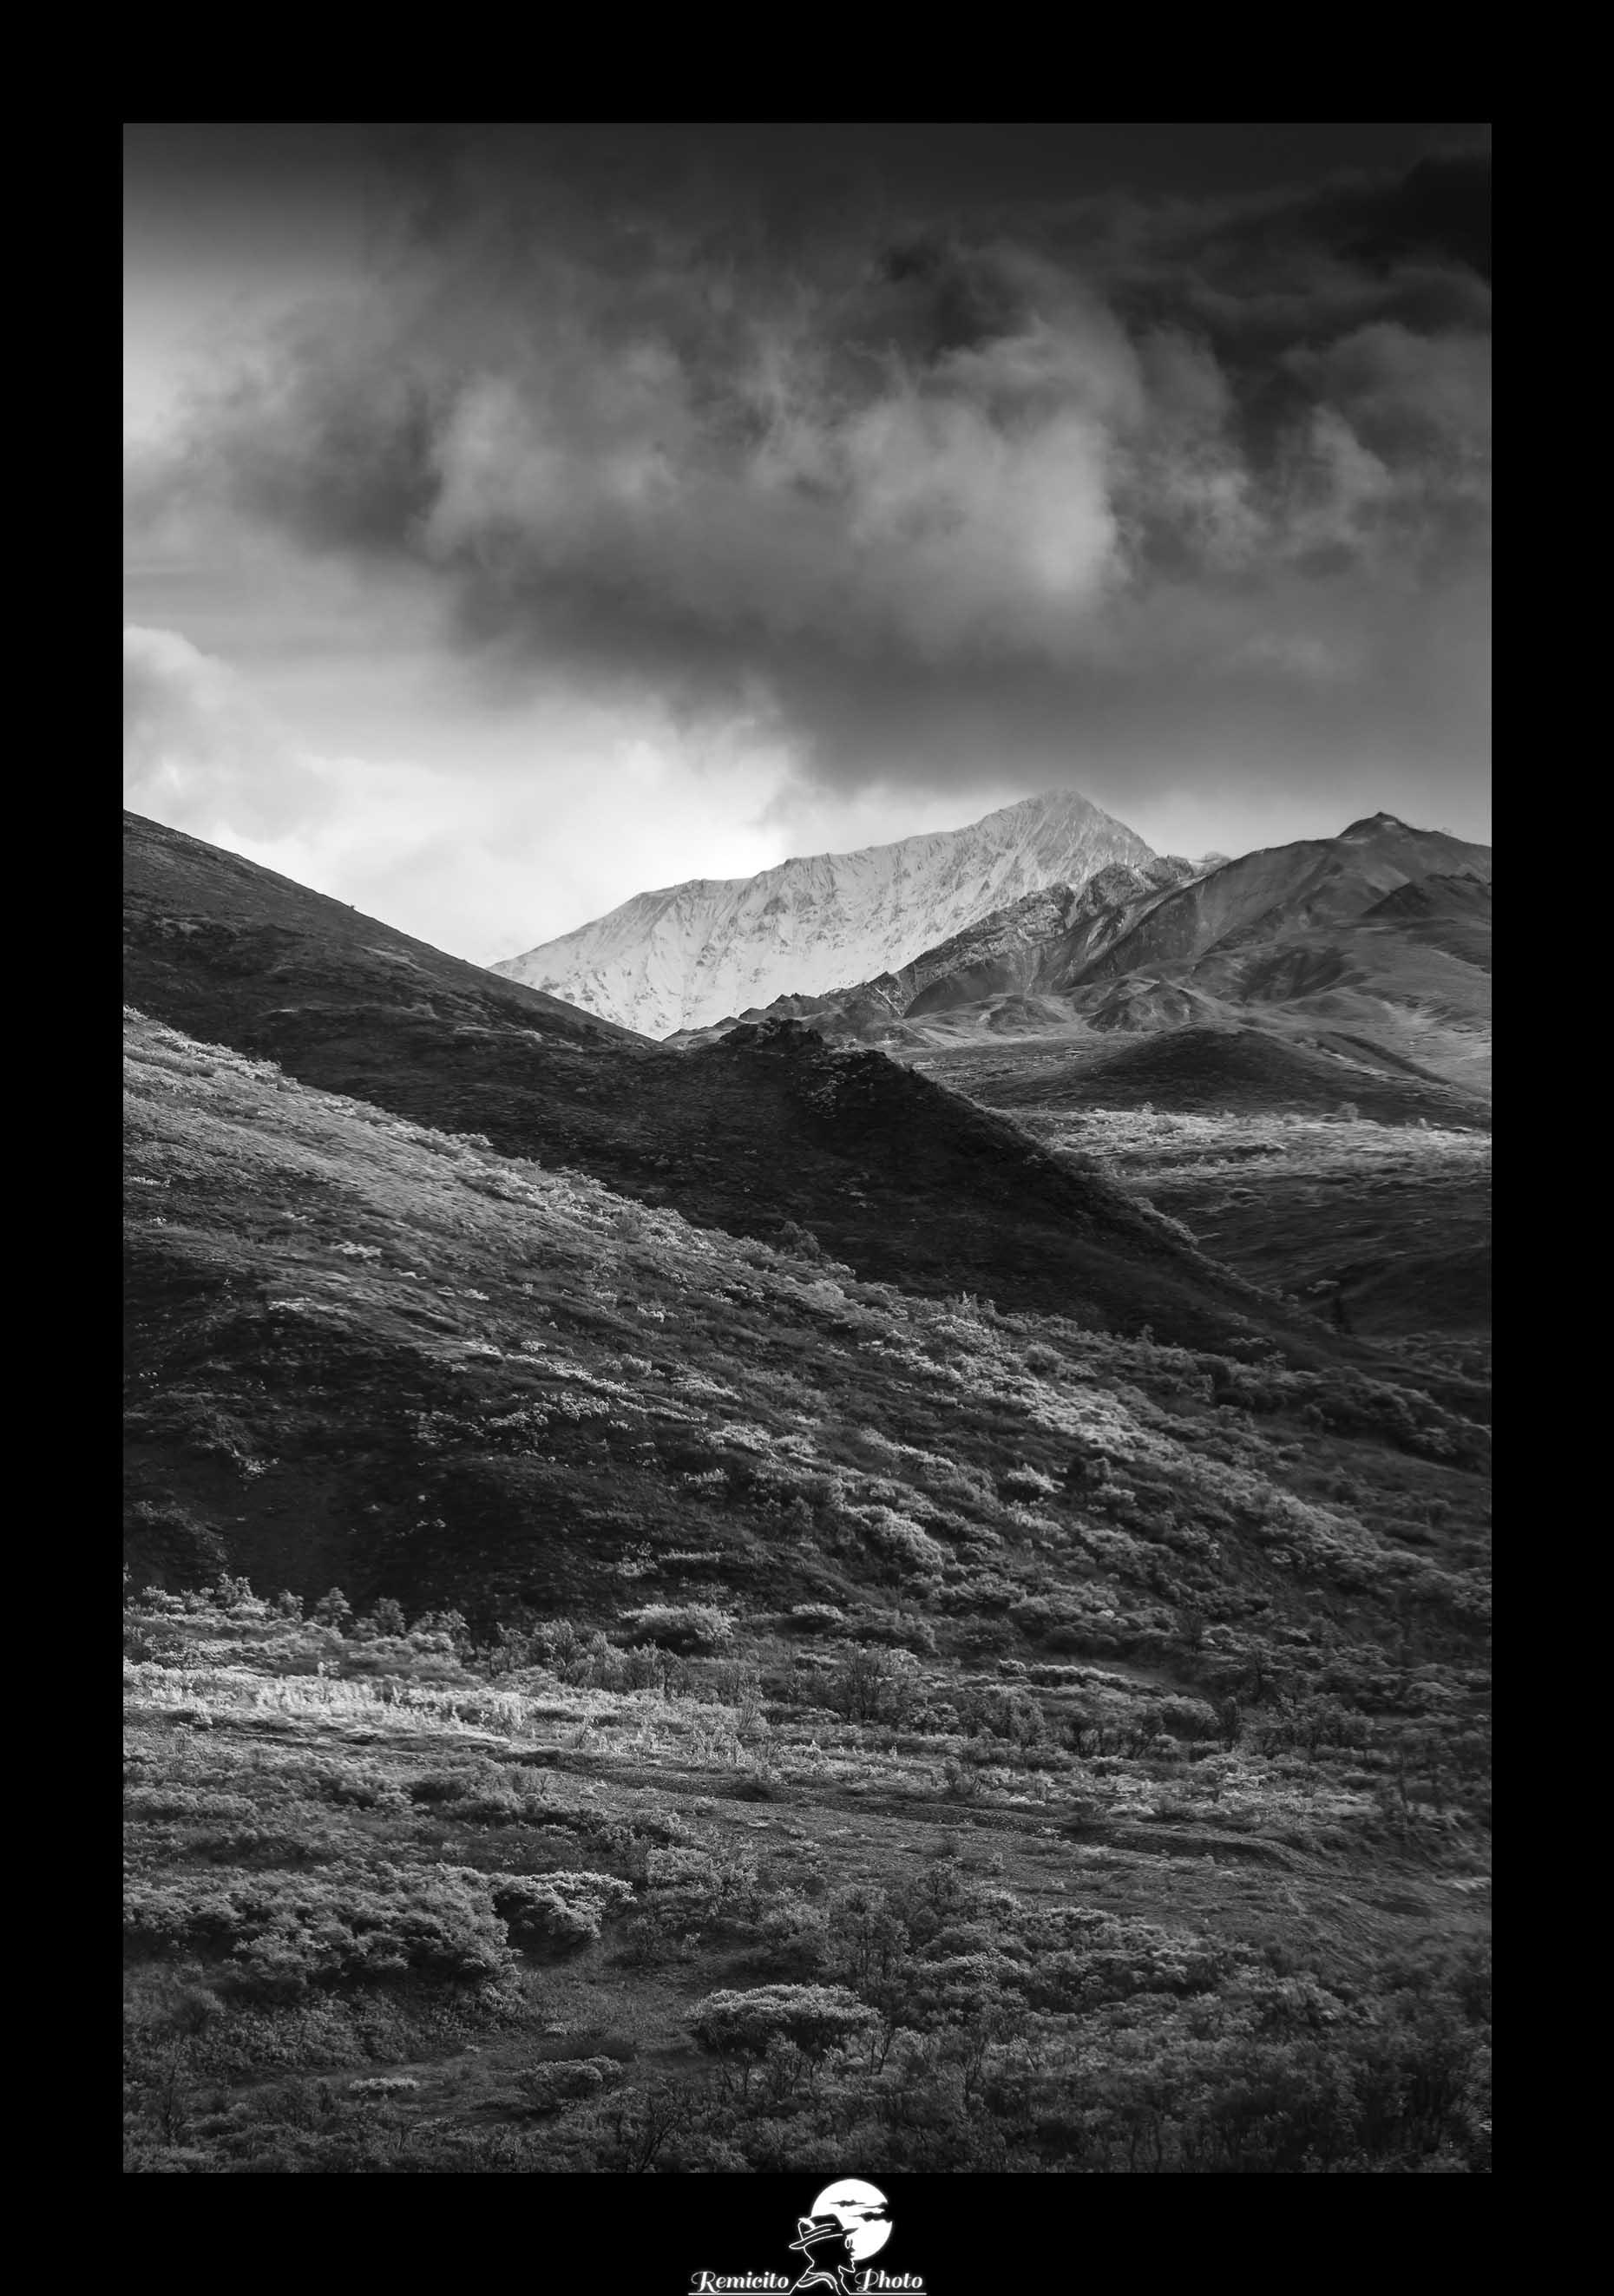 Remicito photo, remicito rémi lacombe photographe paris, belle photo noir et blanc alaska, parc national denali alaska, belle photo montagne noir et blanc